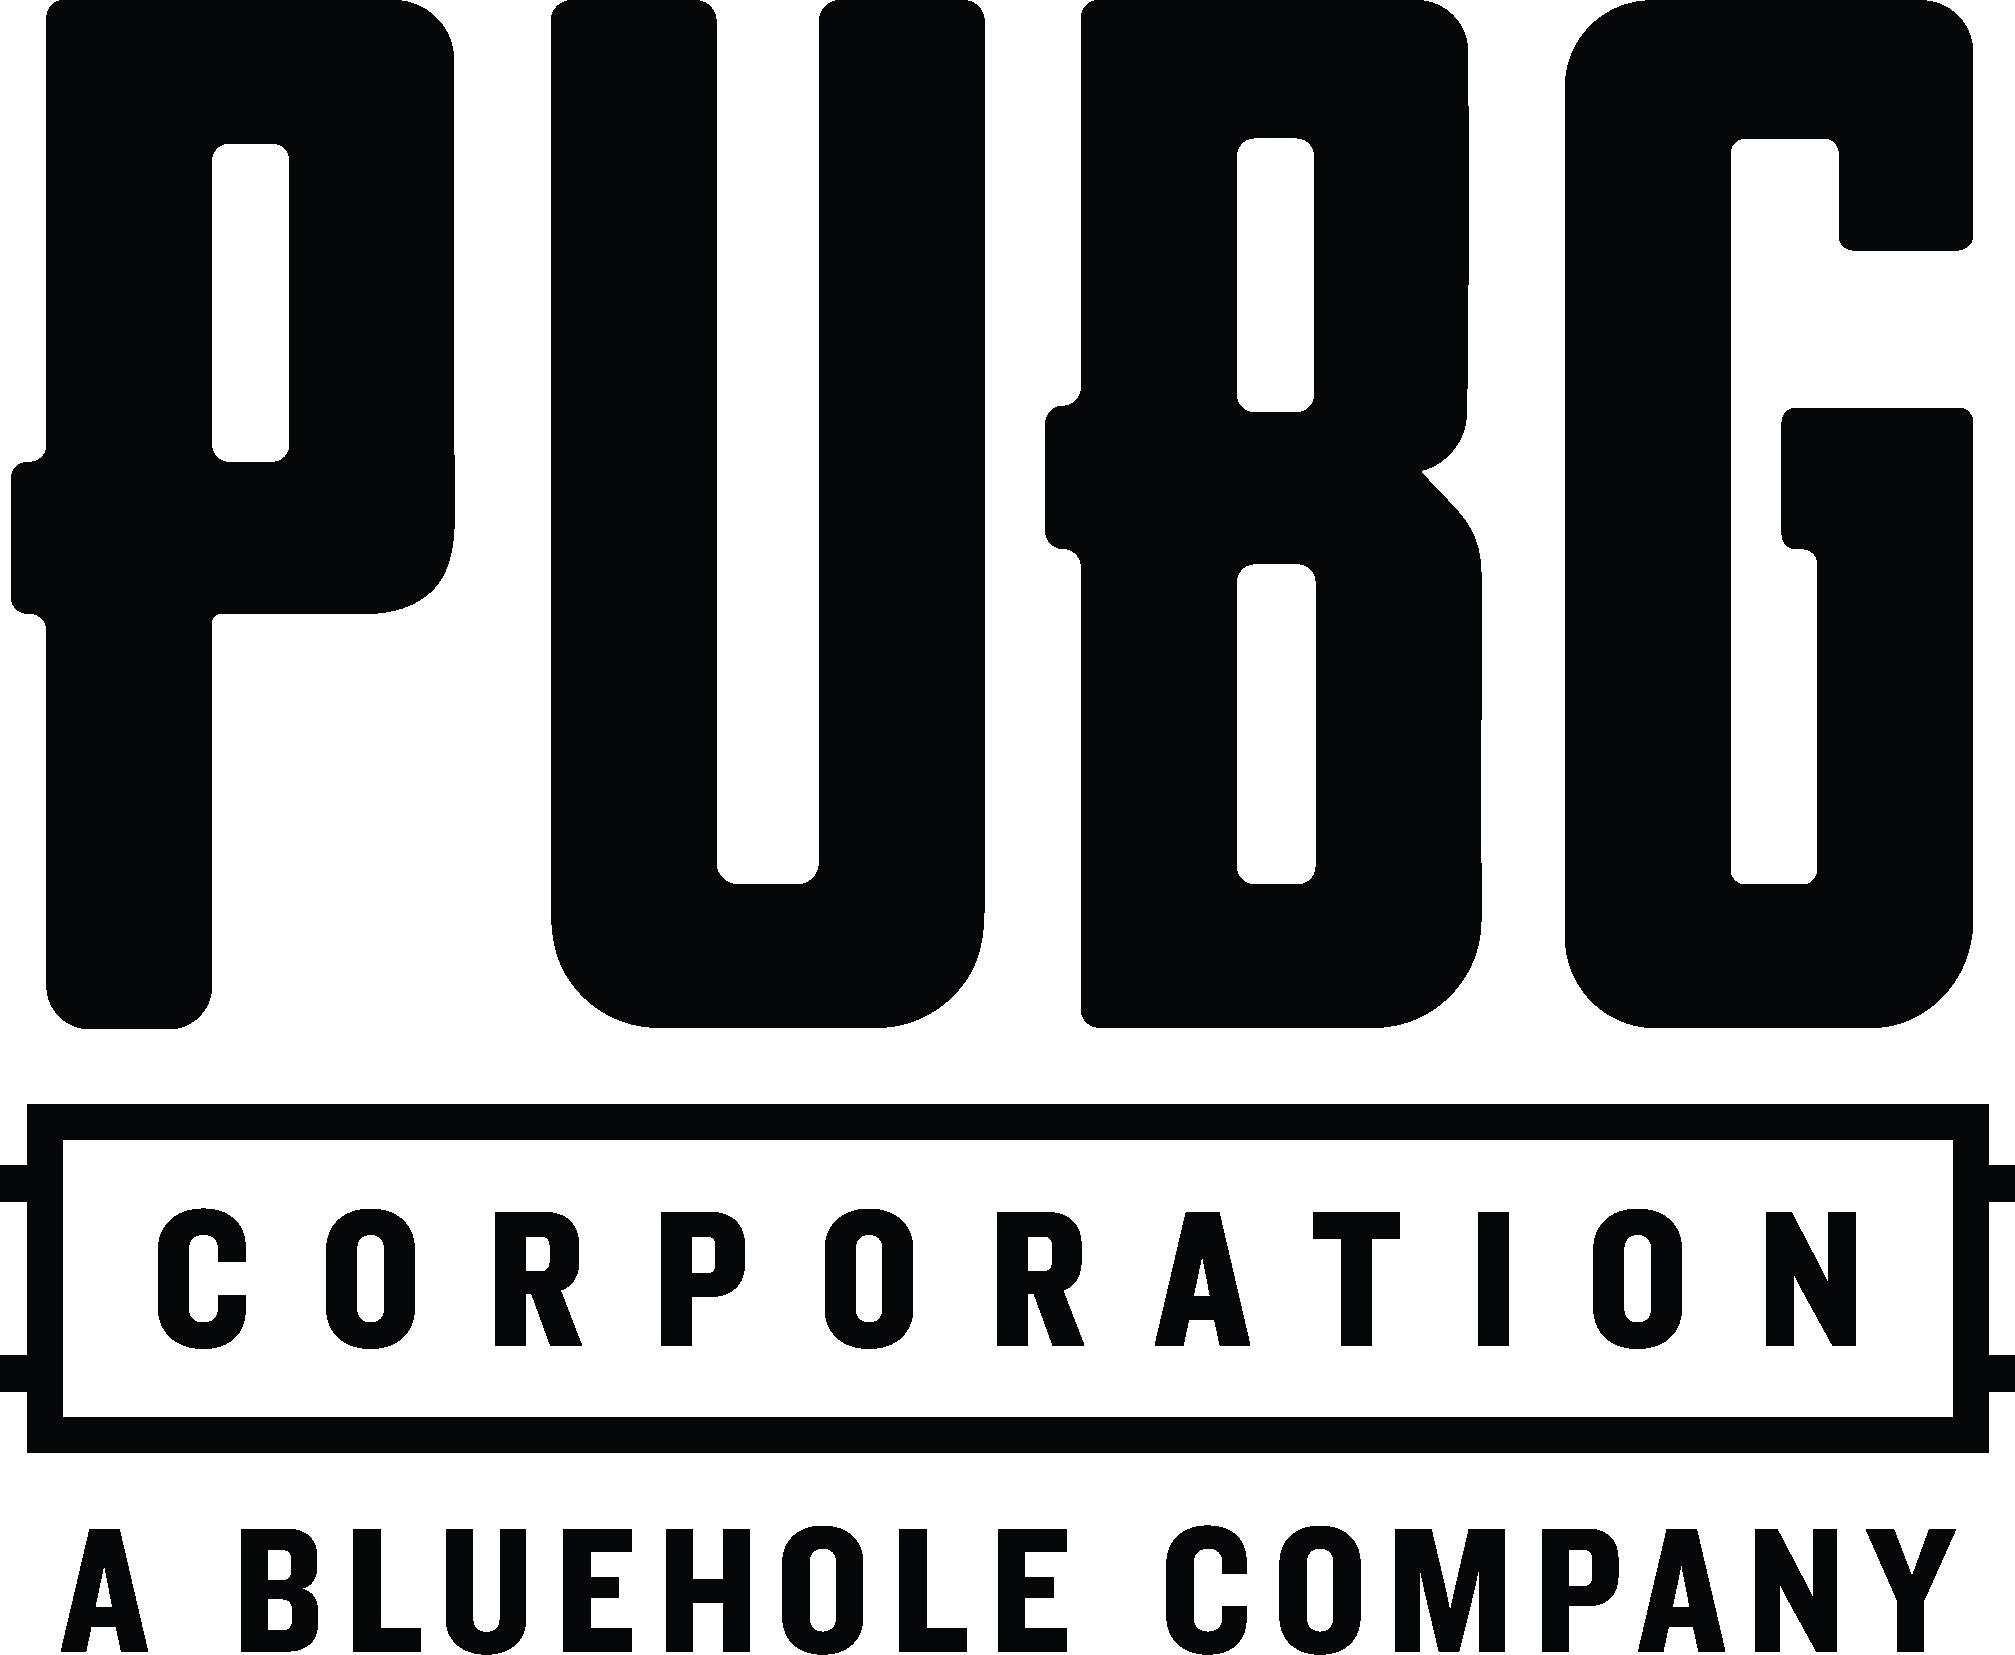 Pubg Wallpaper Png: 펍지, 게임서비스 개발업체 매드글로리 인수